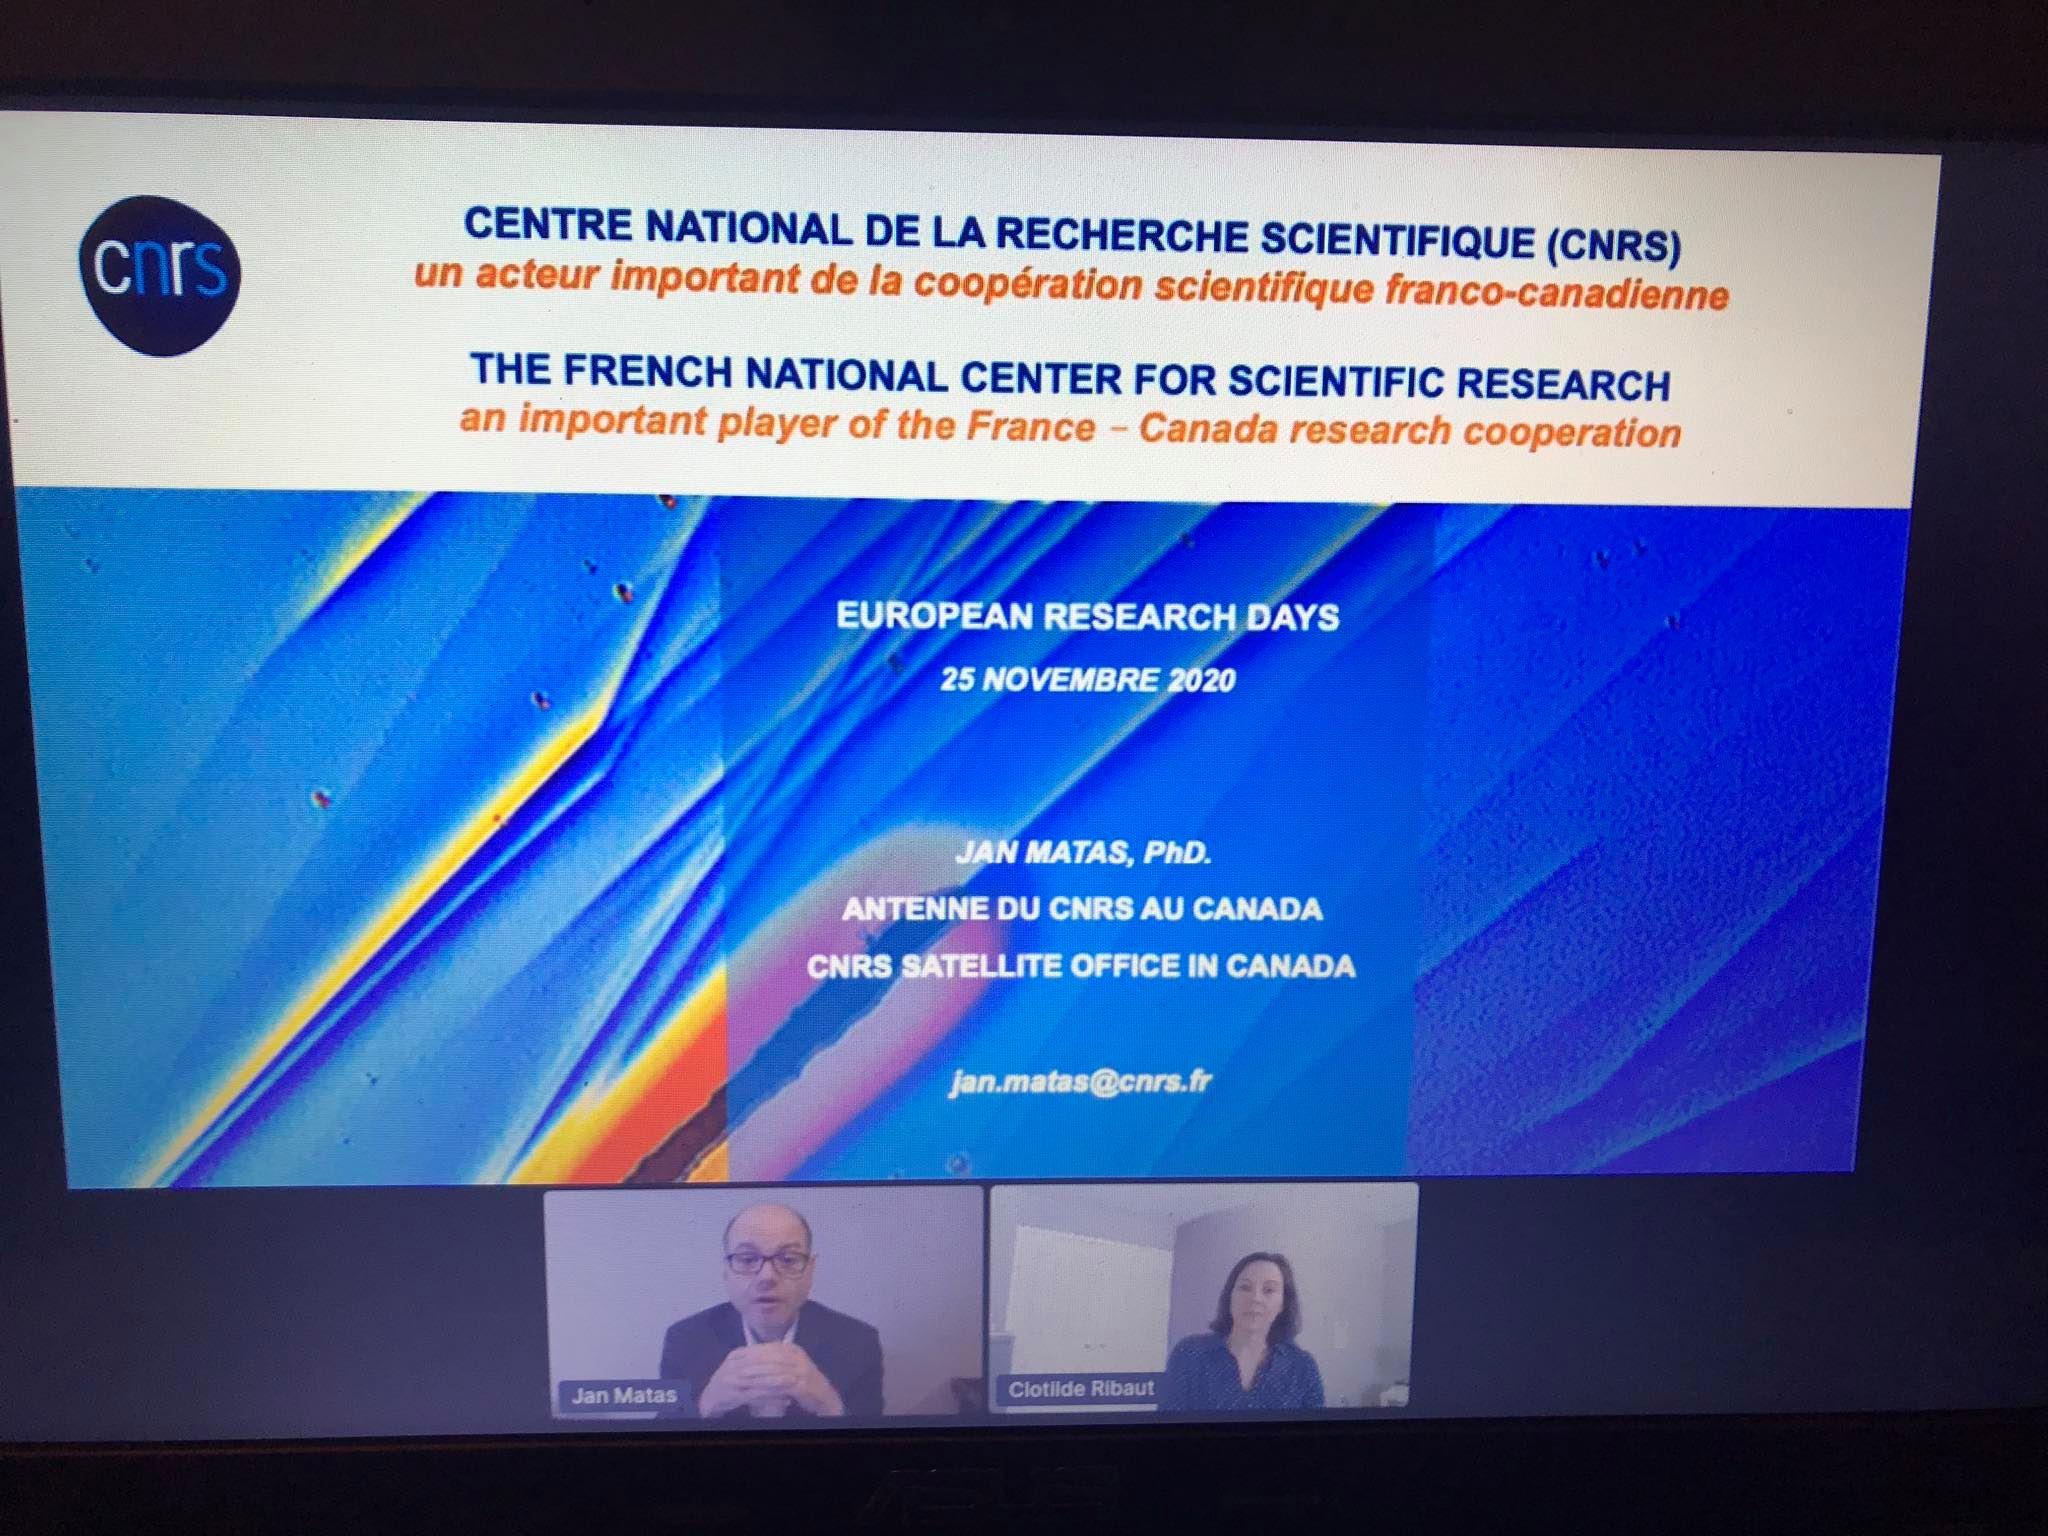 საერთაშორისო ვებინარი - European Research Days 2020